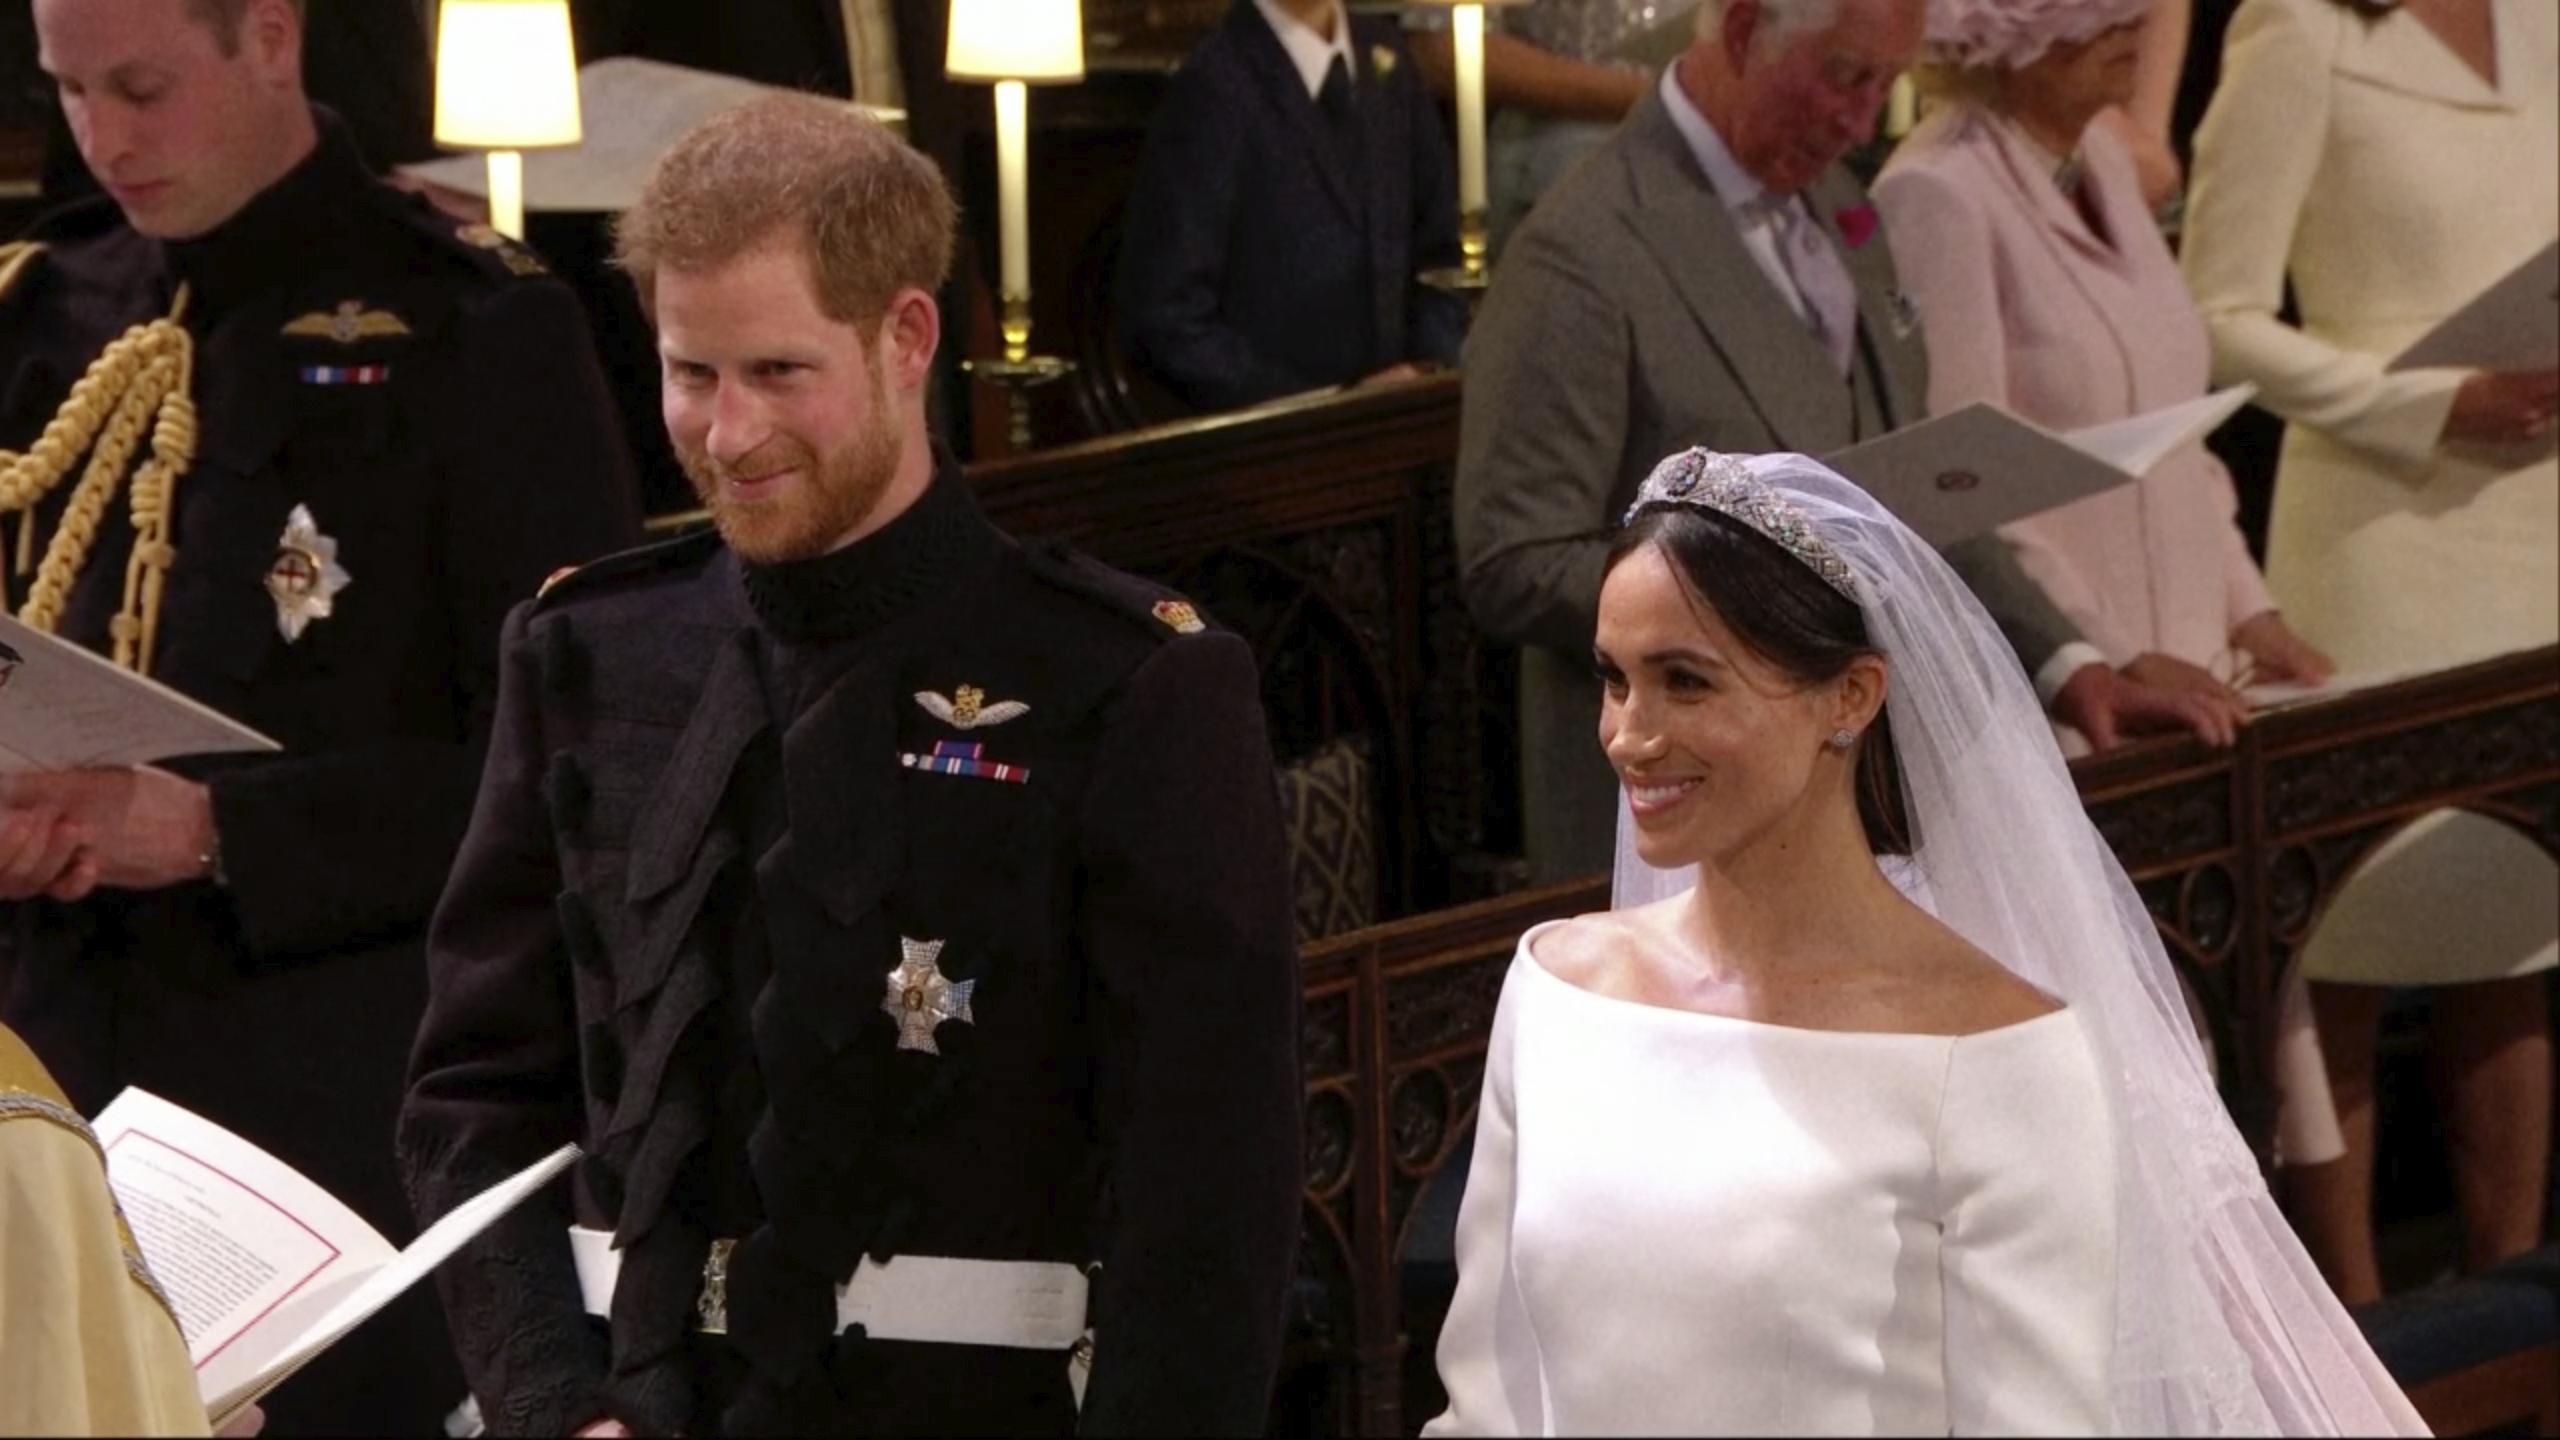 """""""En la presencia de Dios y ante esta congregación han declarado su matrimonio al intercambiar los anillos"""", dijo el arzobispo de Canterbury y los declaró marido y mujer. (Foto: AP)"""